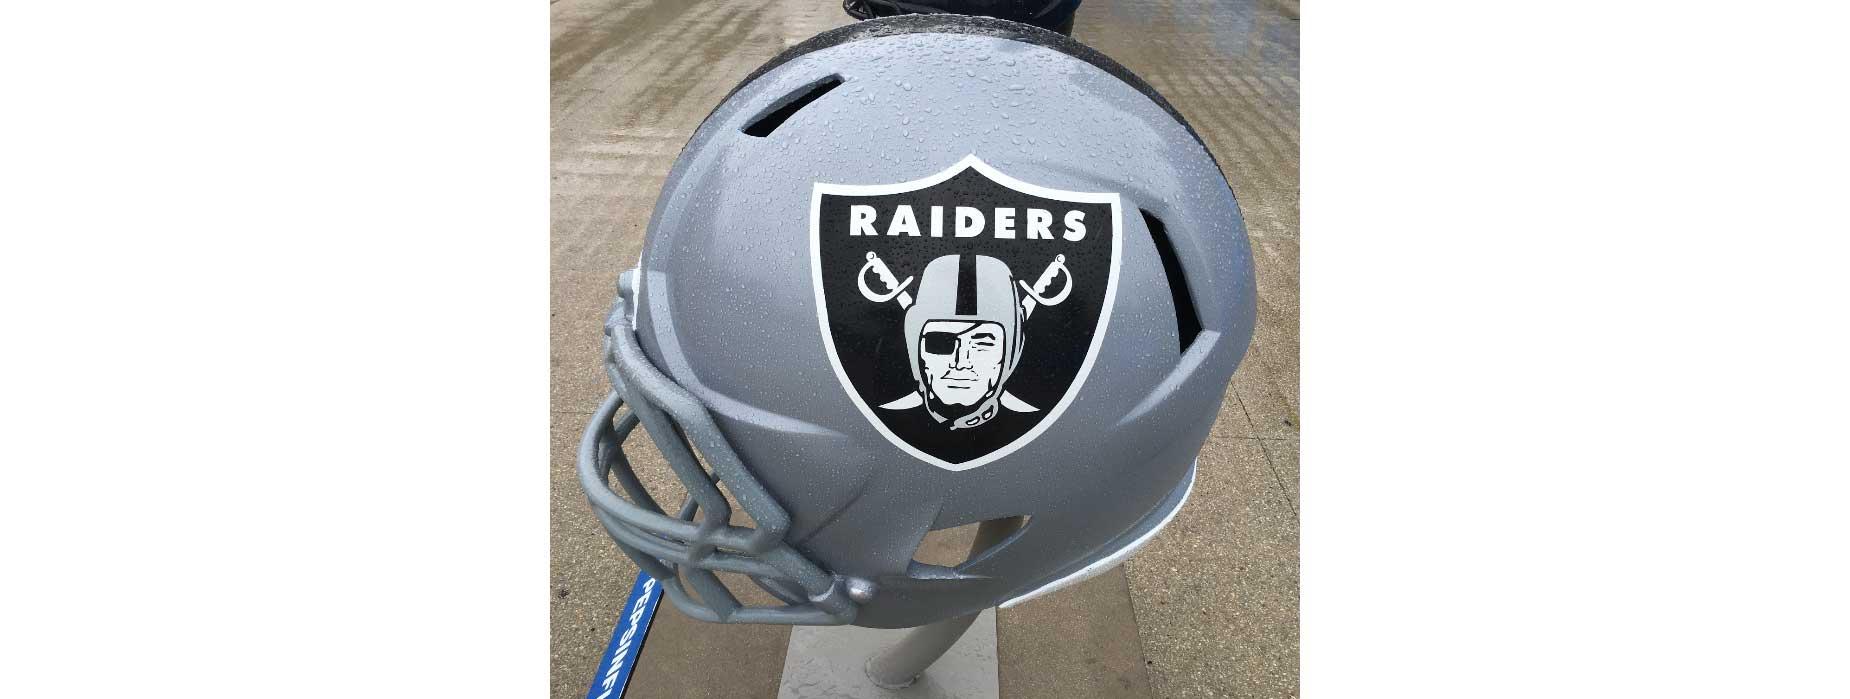 Raiders helmet on display